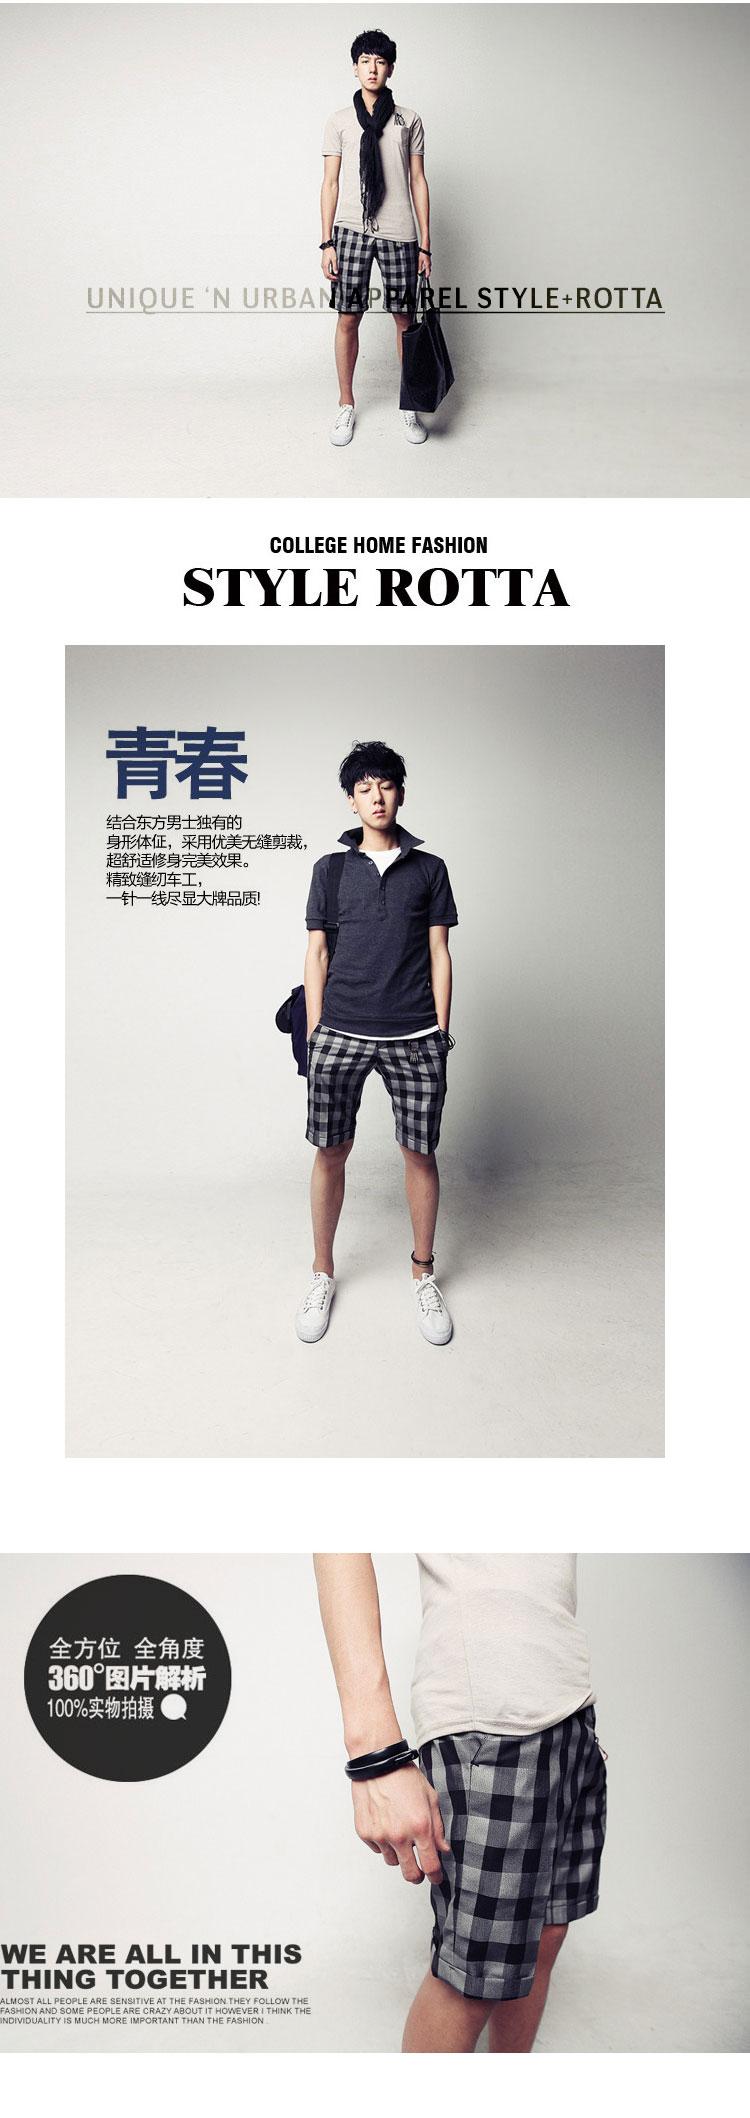 กางเกงผู้ชาย | กางเกงแฟชั่นผู้ชาย กางเกงขาสั้น ลายสก๊อต แฟชั่นเกาหลี